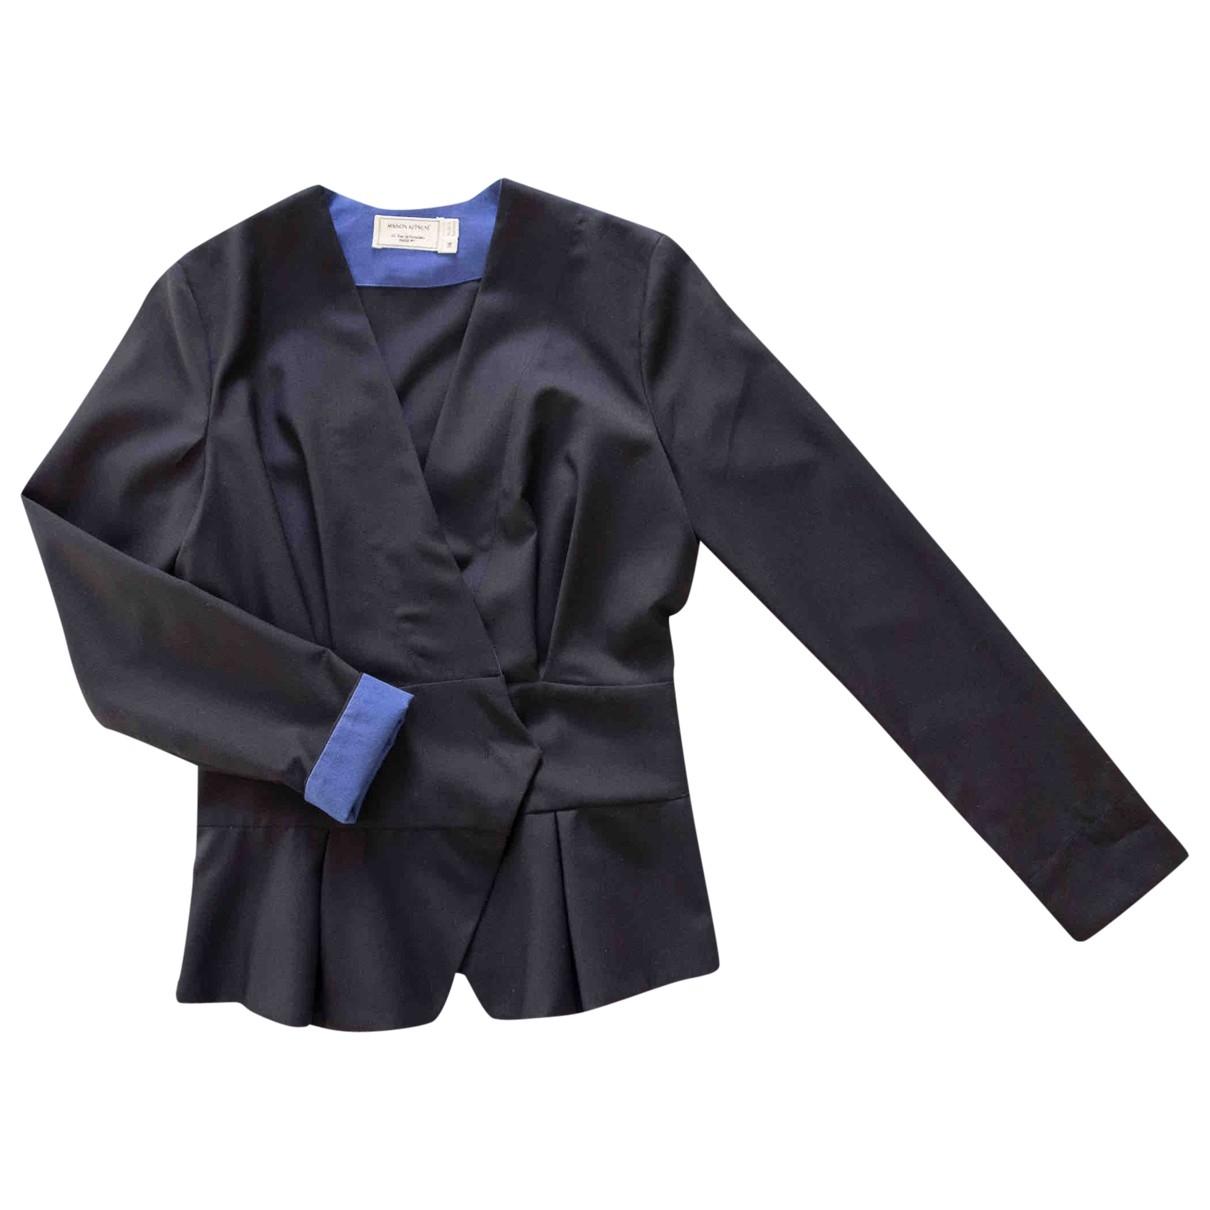 Maison Kitsune \N Navy Wool jacket for Women 36 FR